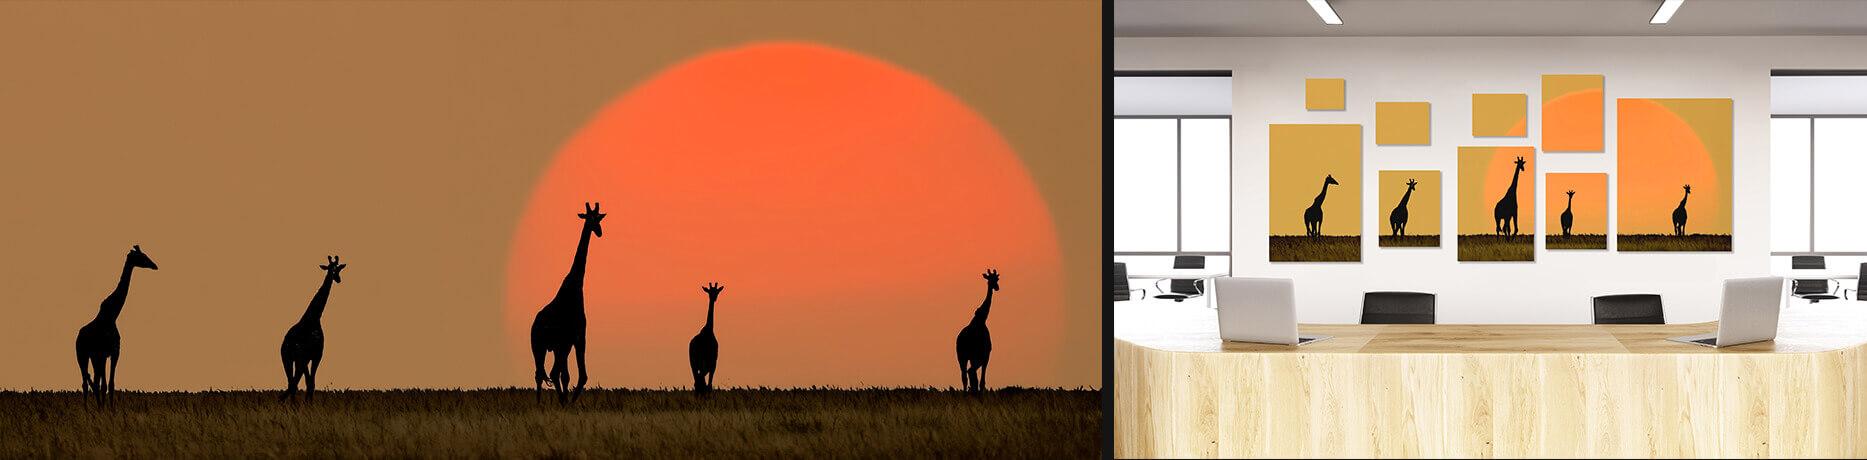 Giraffes Photographic Mosaic